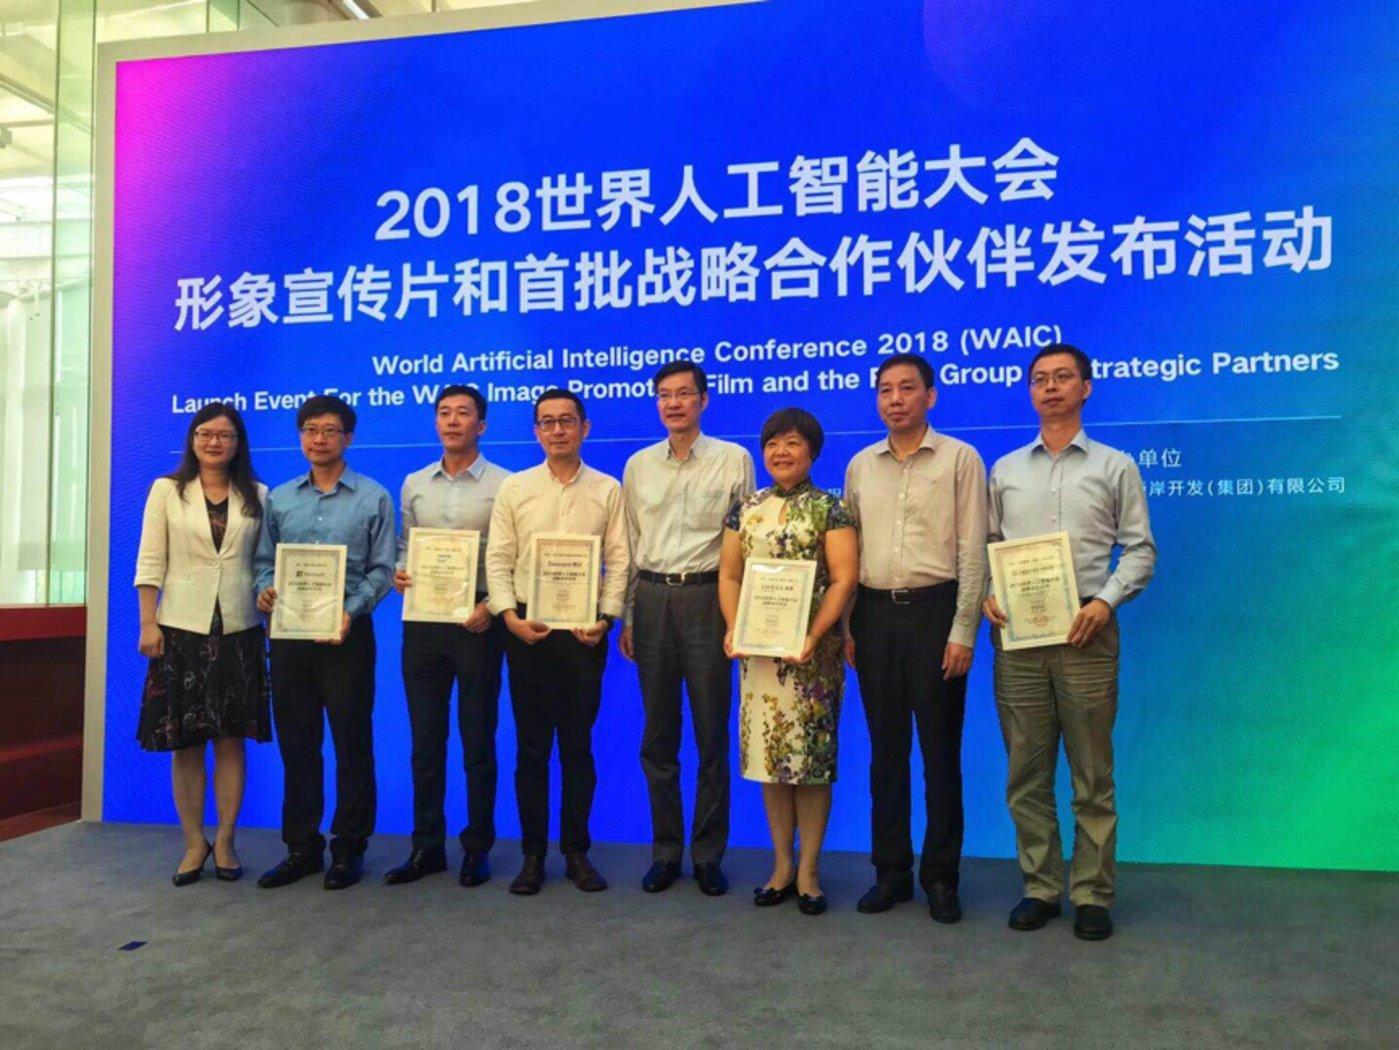 大会为战略合作伙伴颁发证书,腾讯副总裁、腾讯上海分公司总经理张立军(左四)